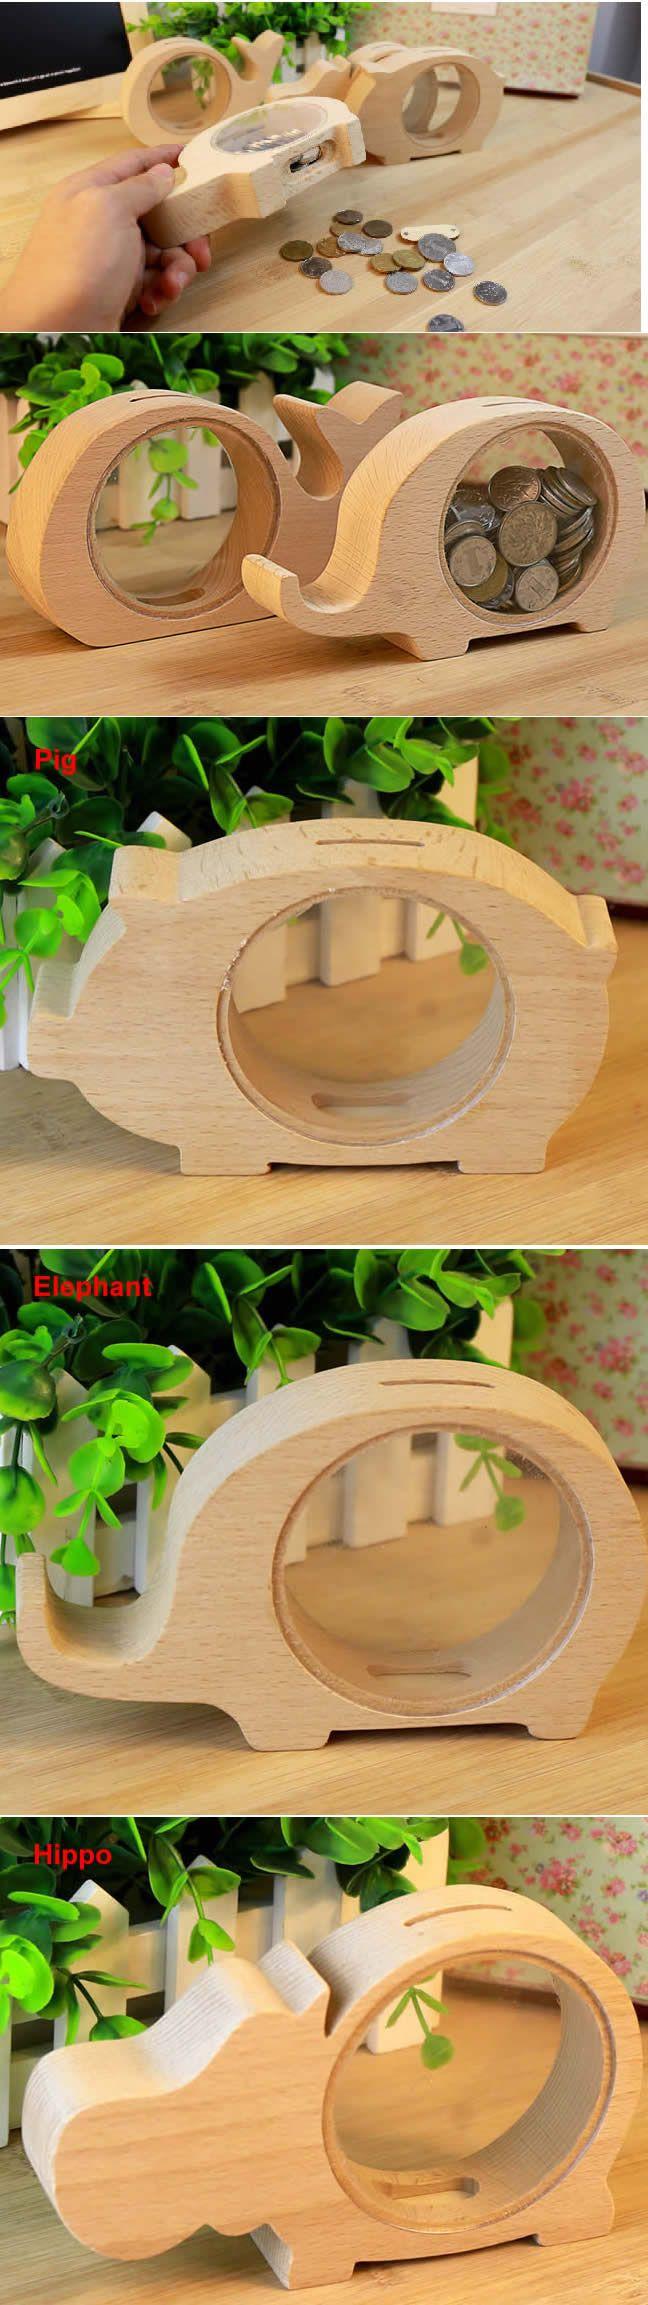 Best 25 piggy bank craft ideas on pinterest baby piggy for Piggy bank ideas diy